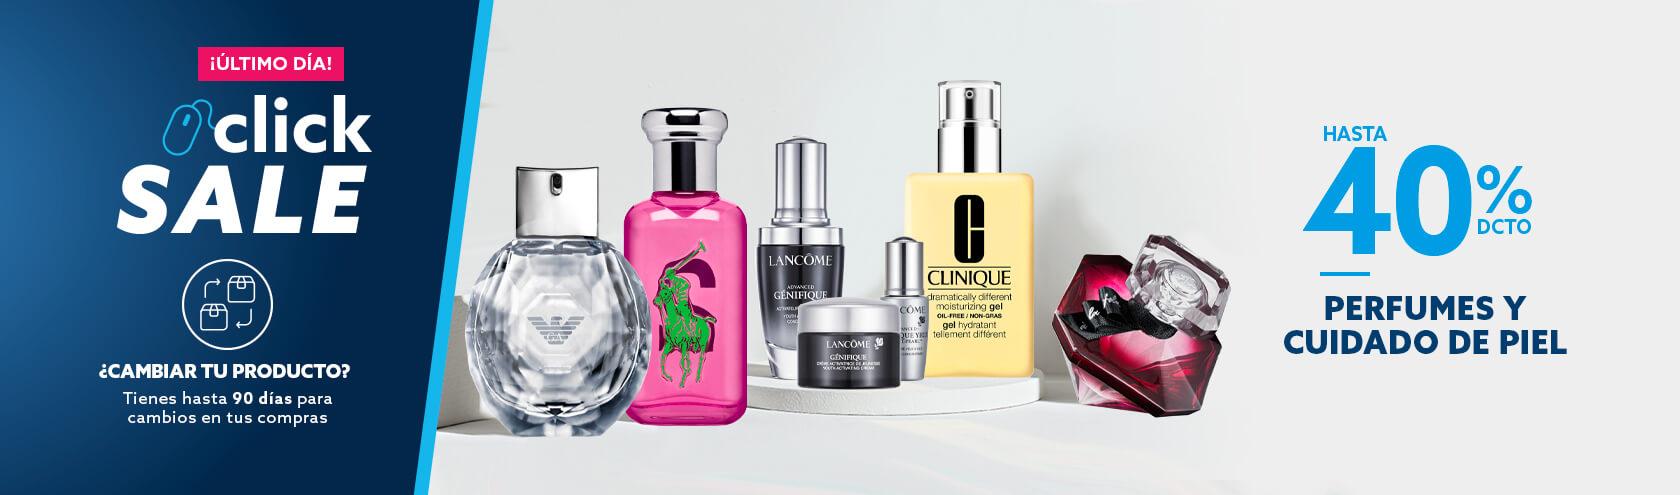 Hasta 40% de descuento todo medio de pago en perfumes y cuidado de la piel